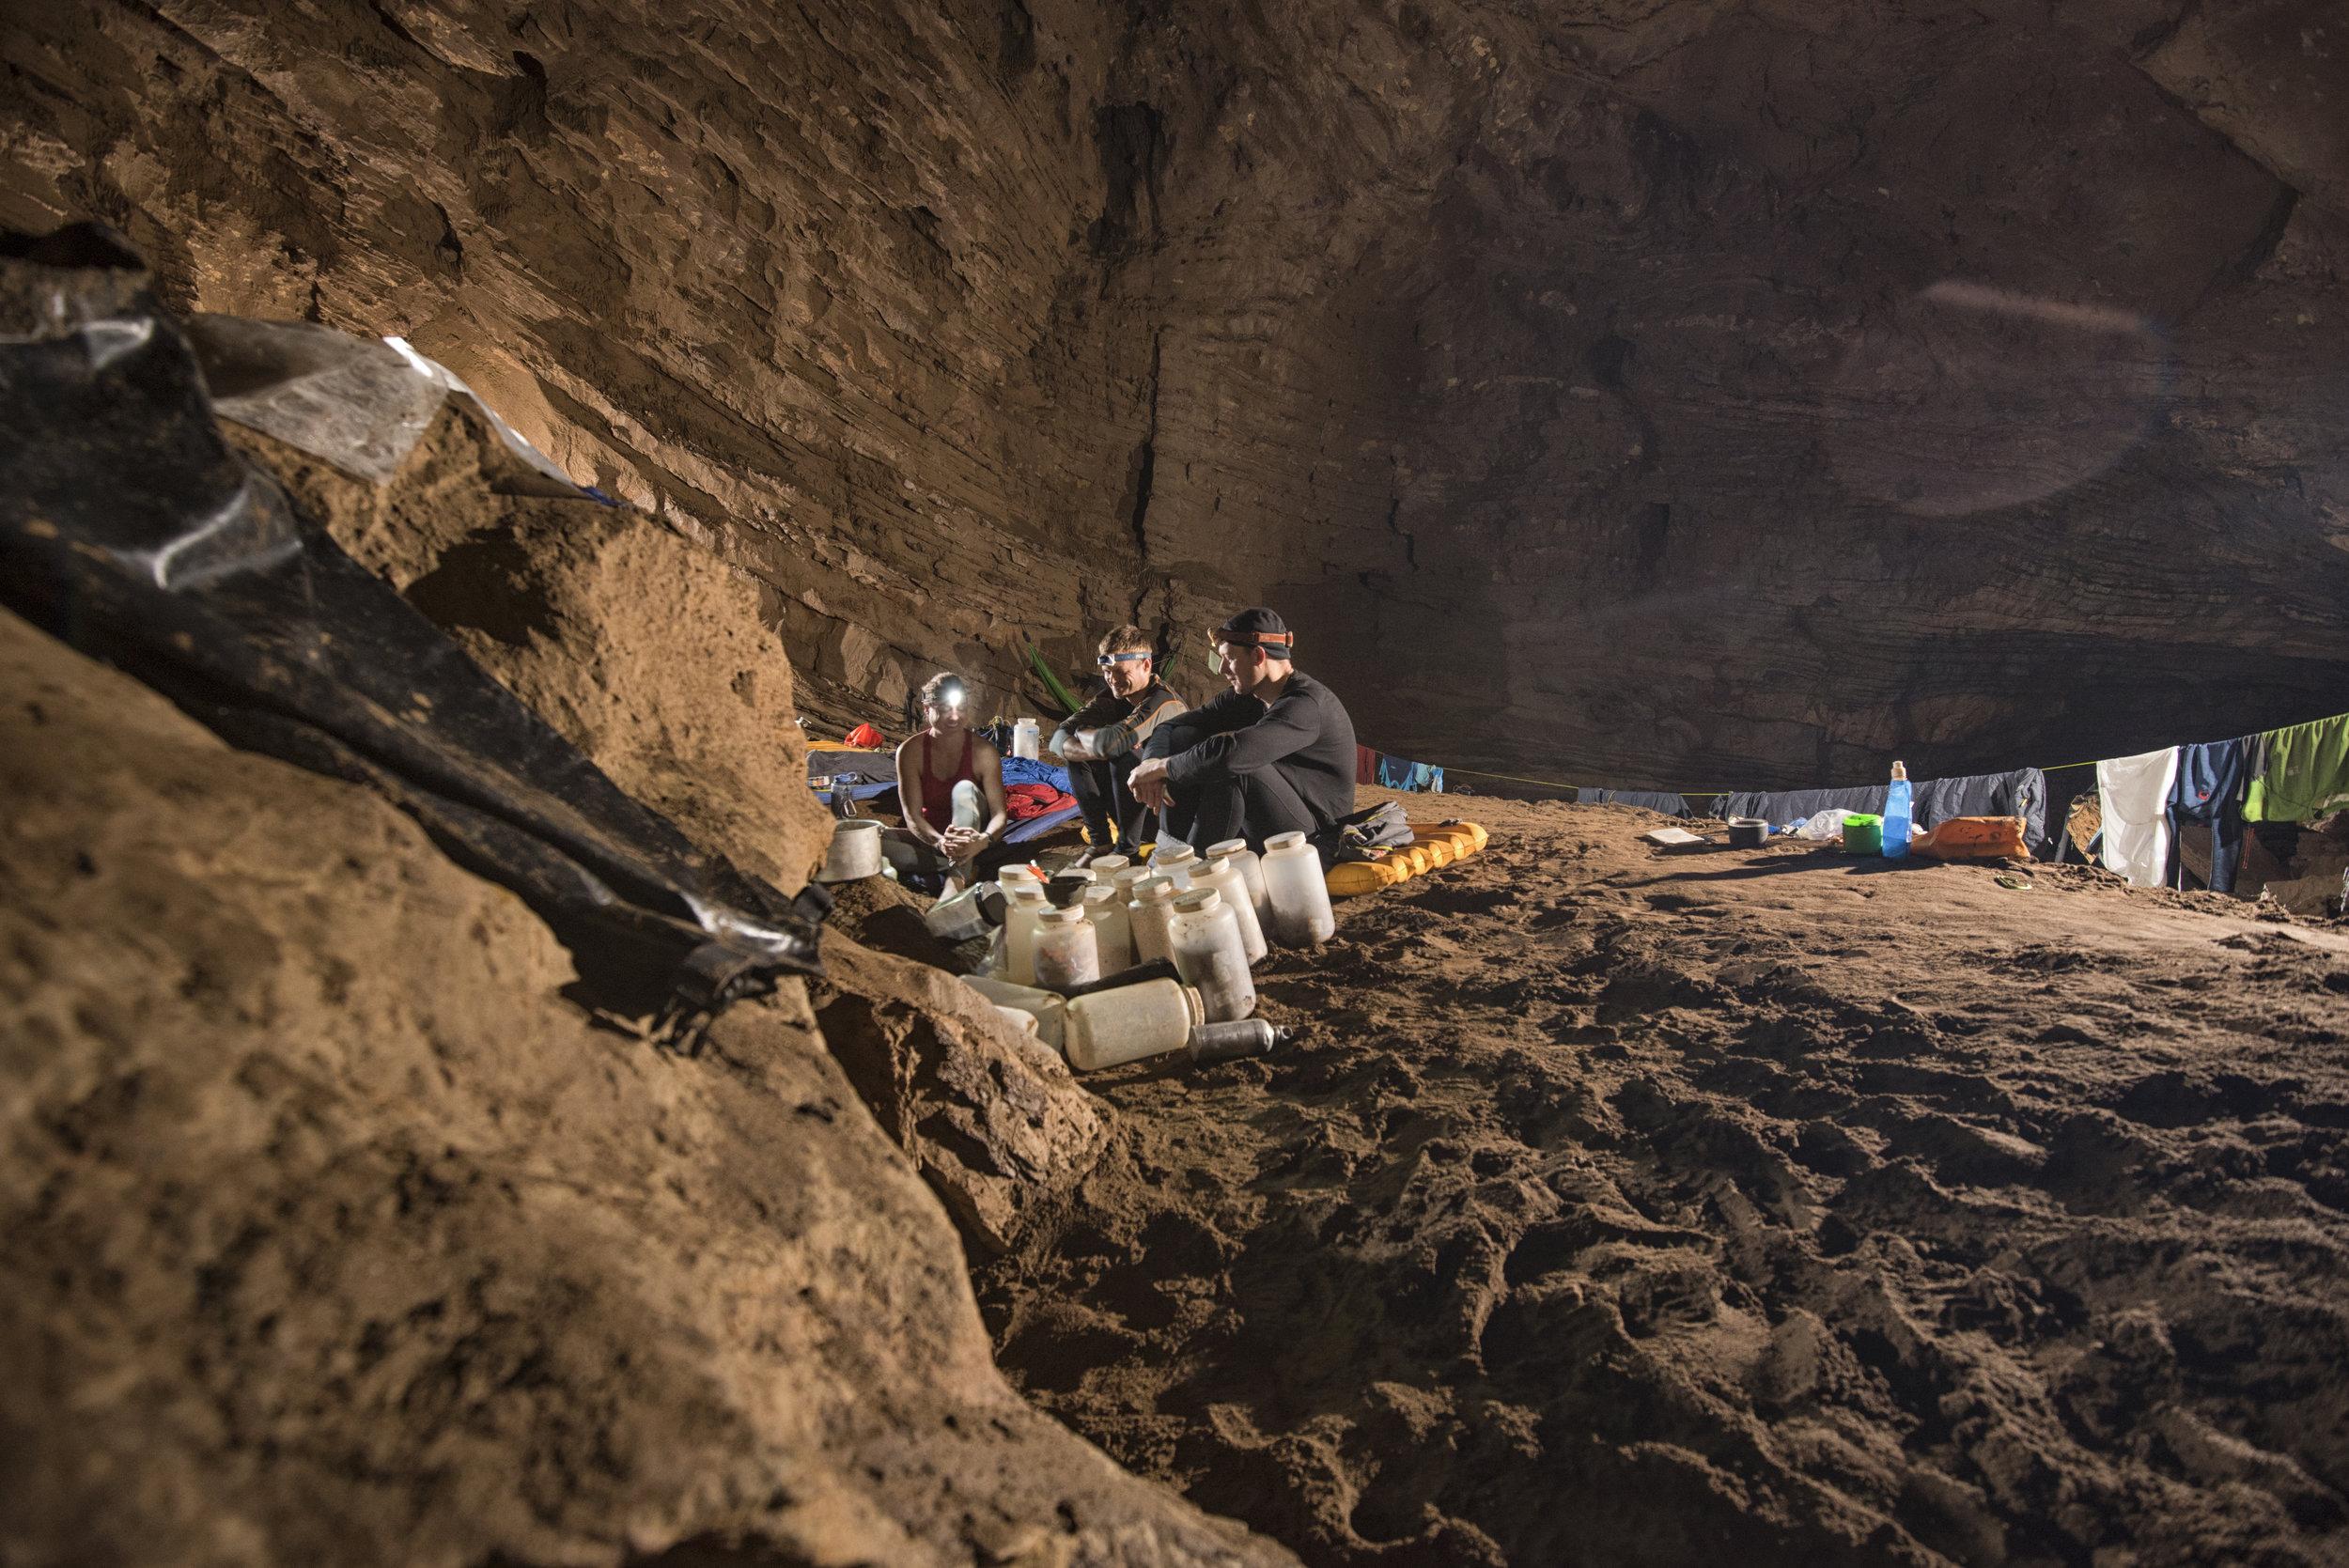 cueva-de-la-pena-colorada_39379628030_o.jpg